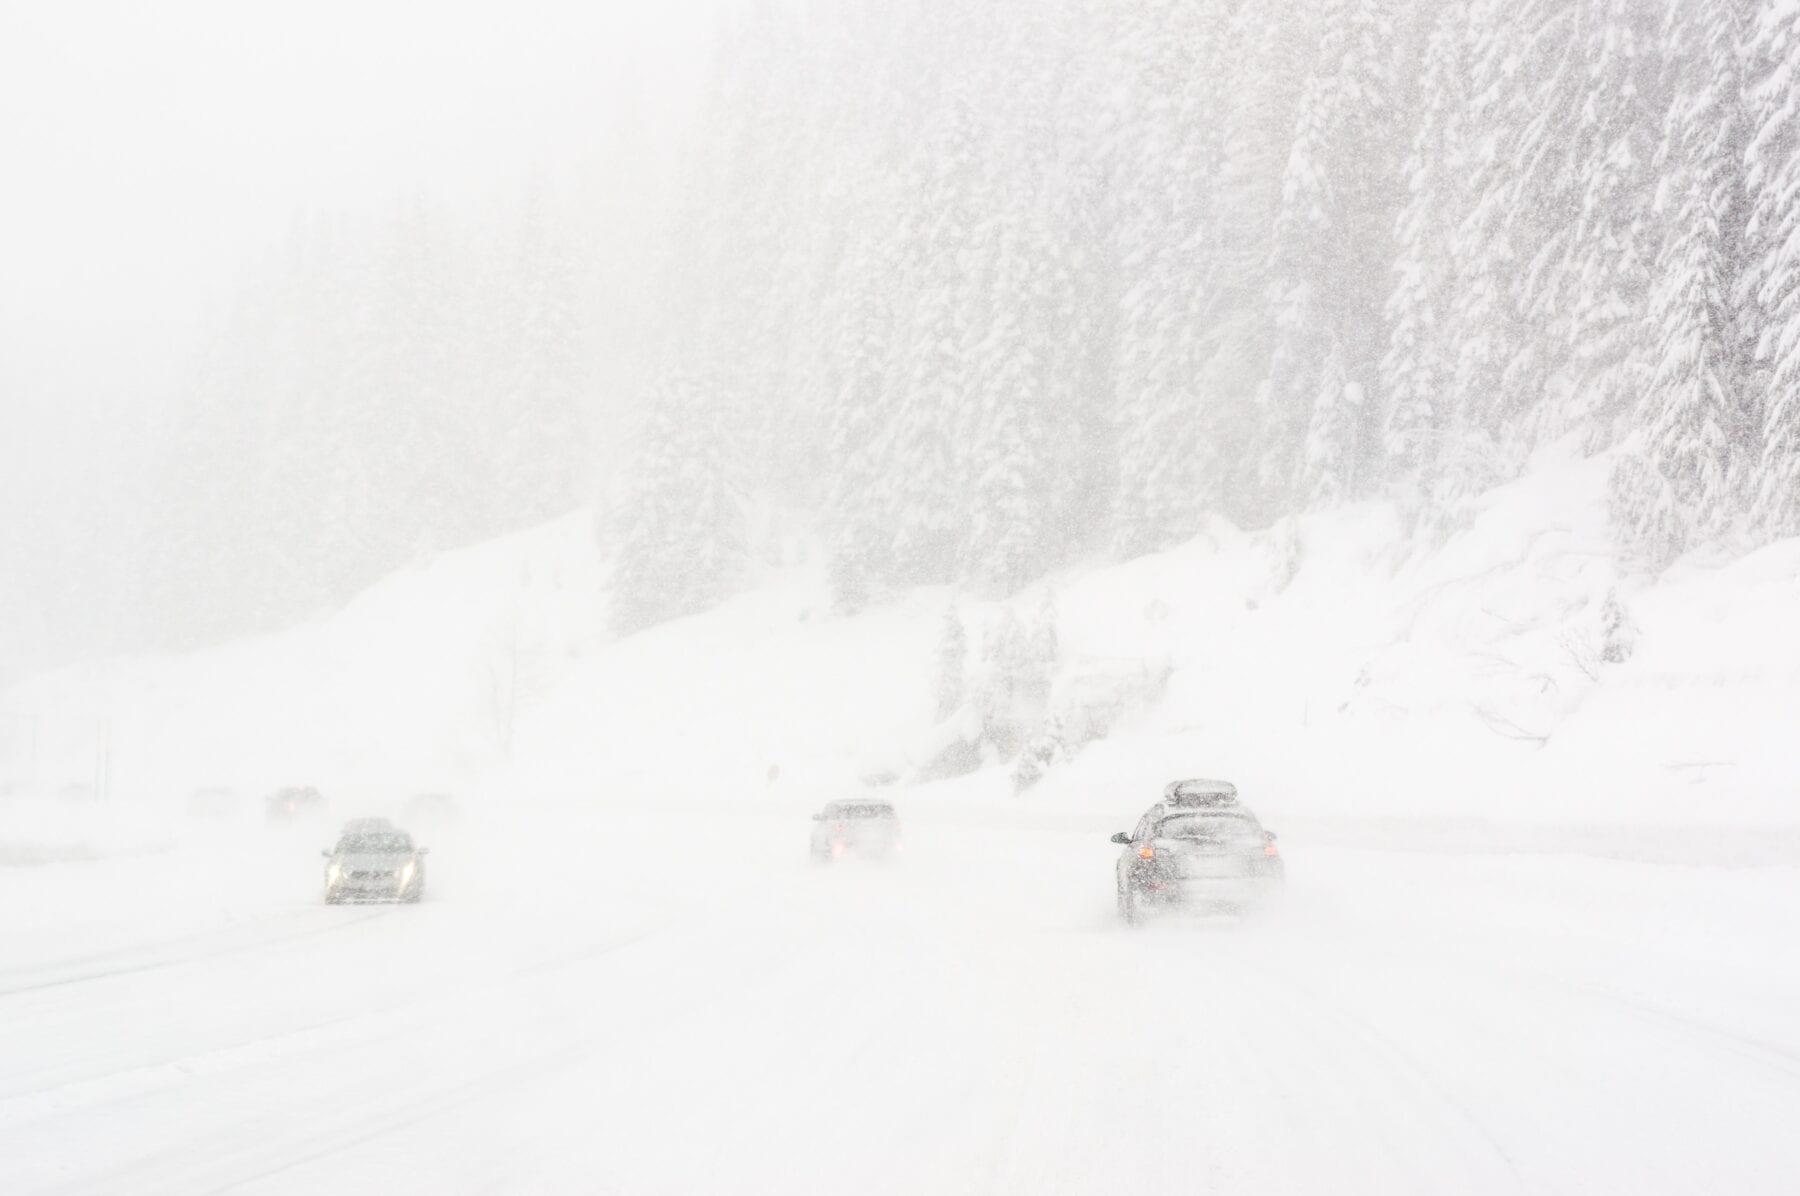 Met de auto op wintersport sneeuw op de weg